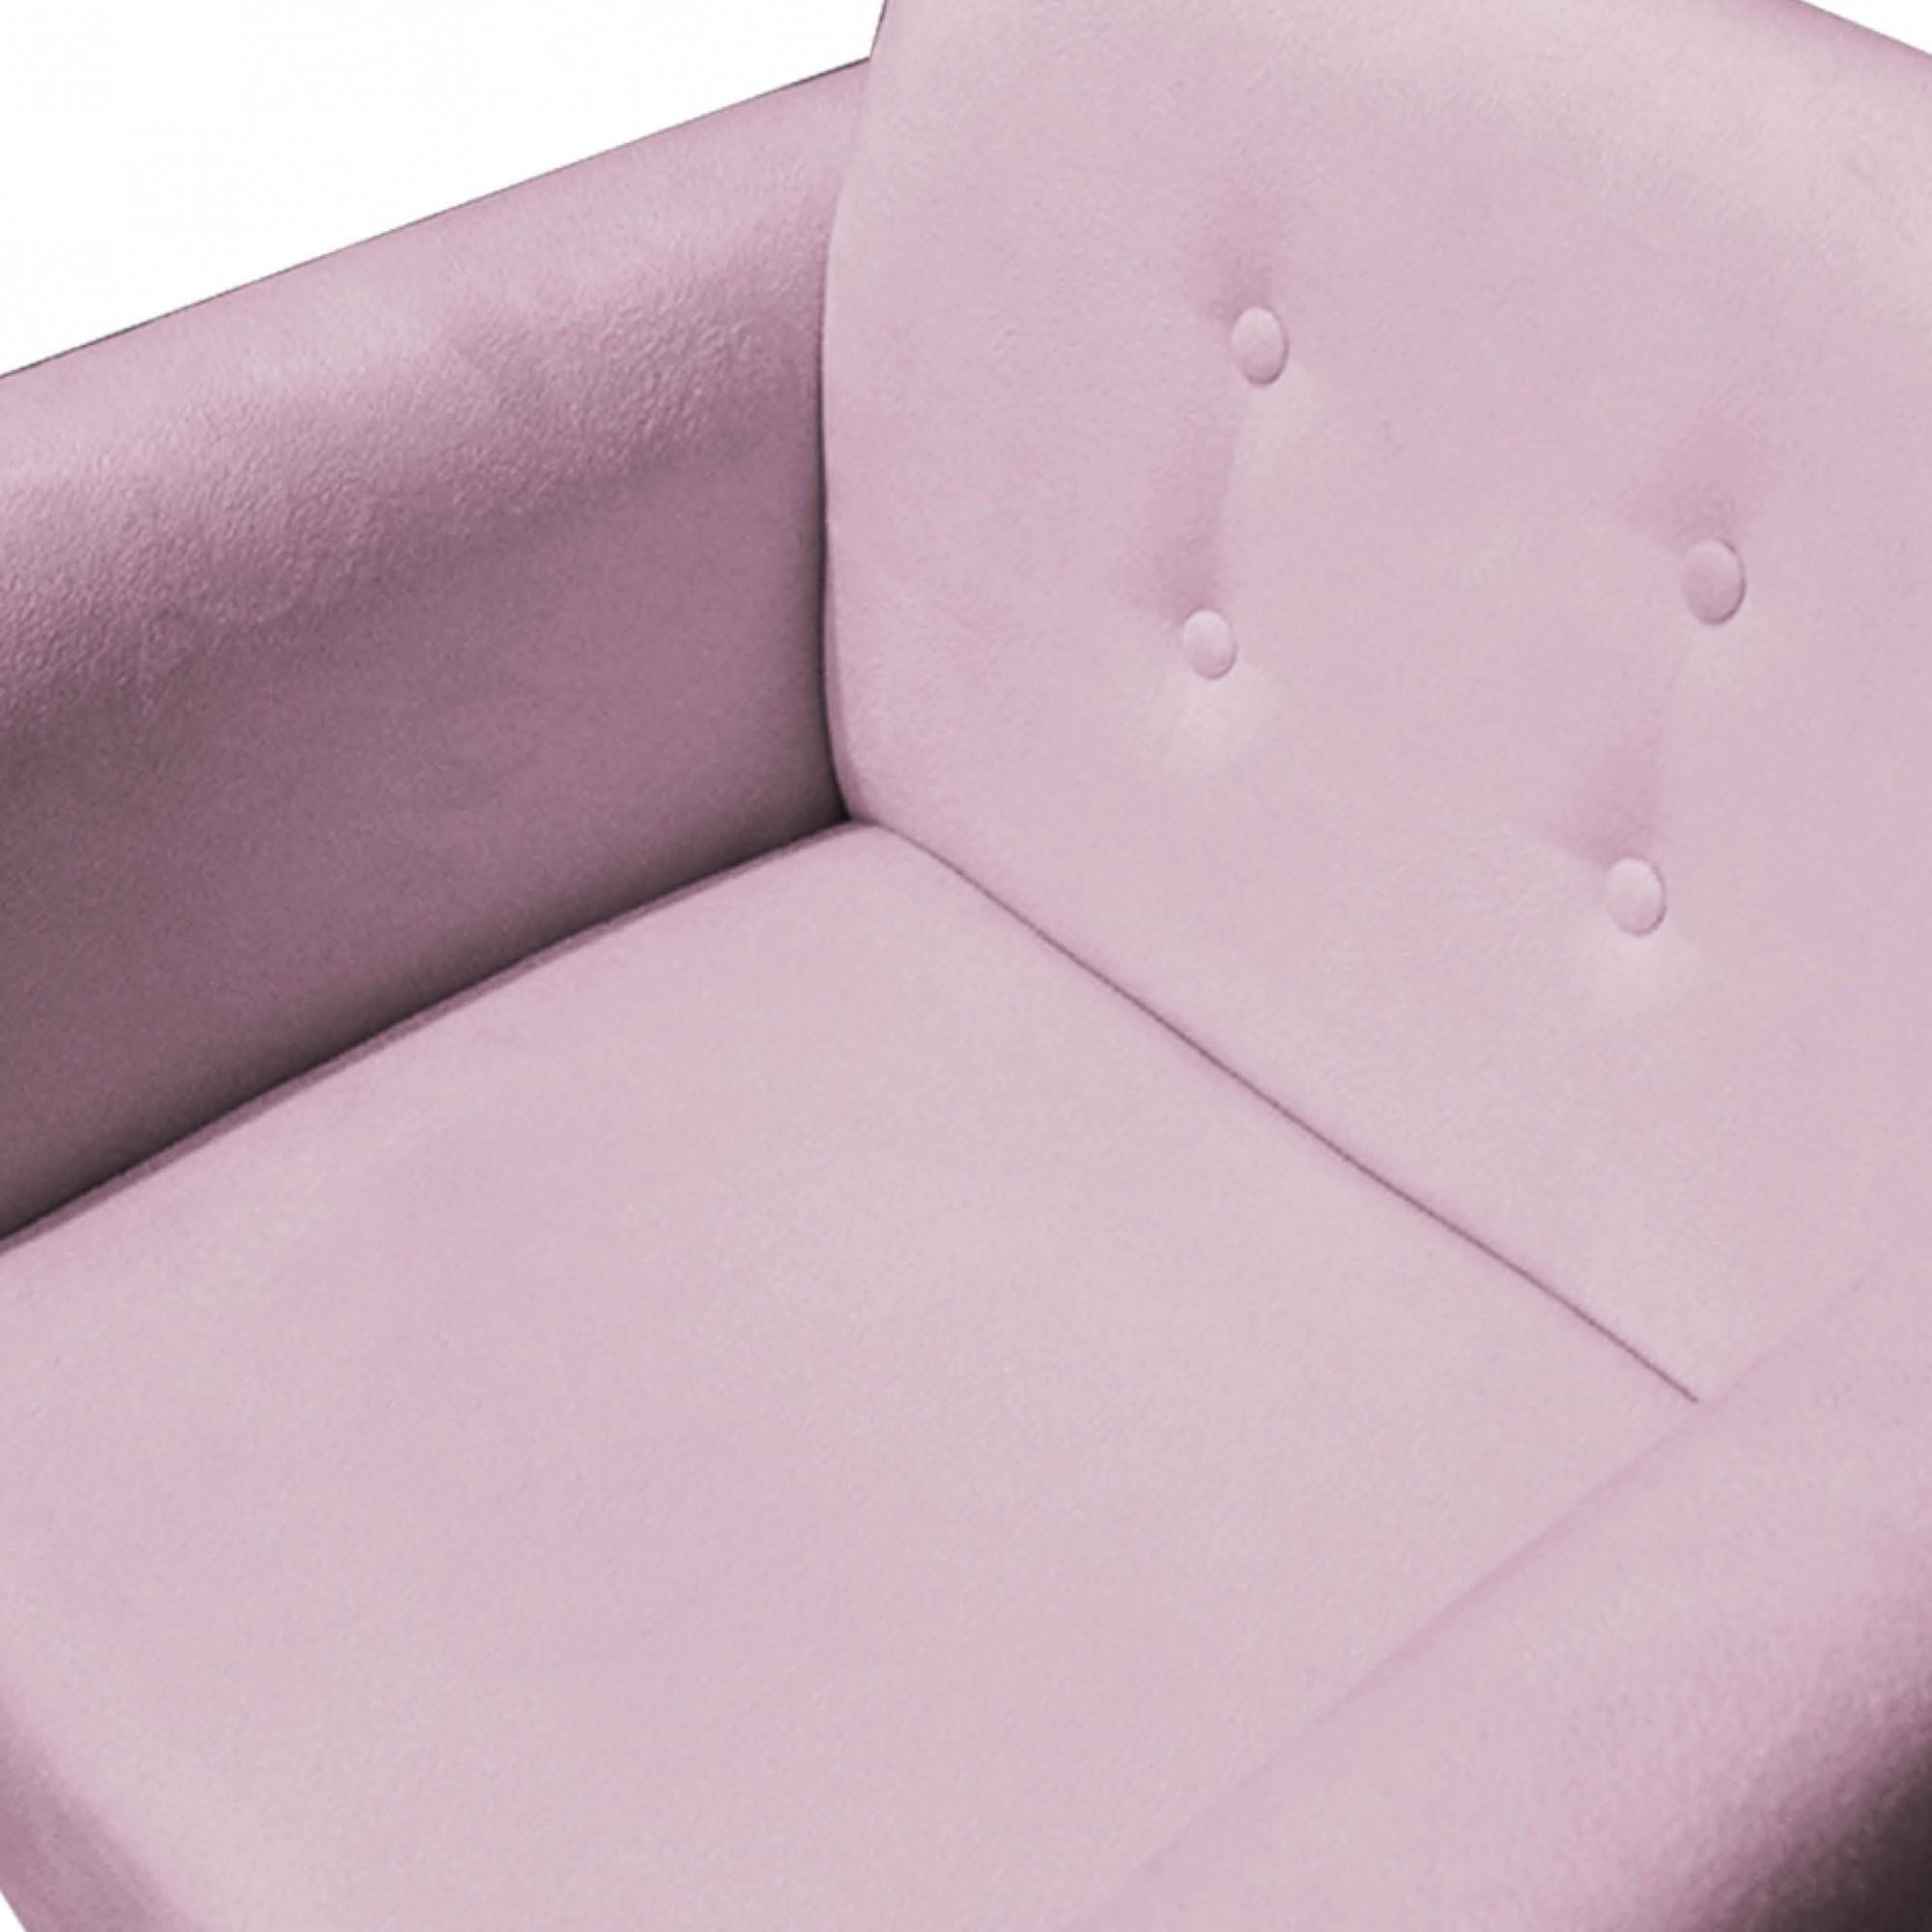 Kit 03 Poltronas Duda Decorativa Sala de Estar Recepção Pé Palito Suede Rosa Bebê D03 - D´Classe Decor